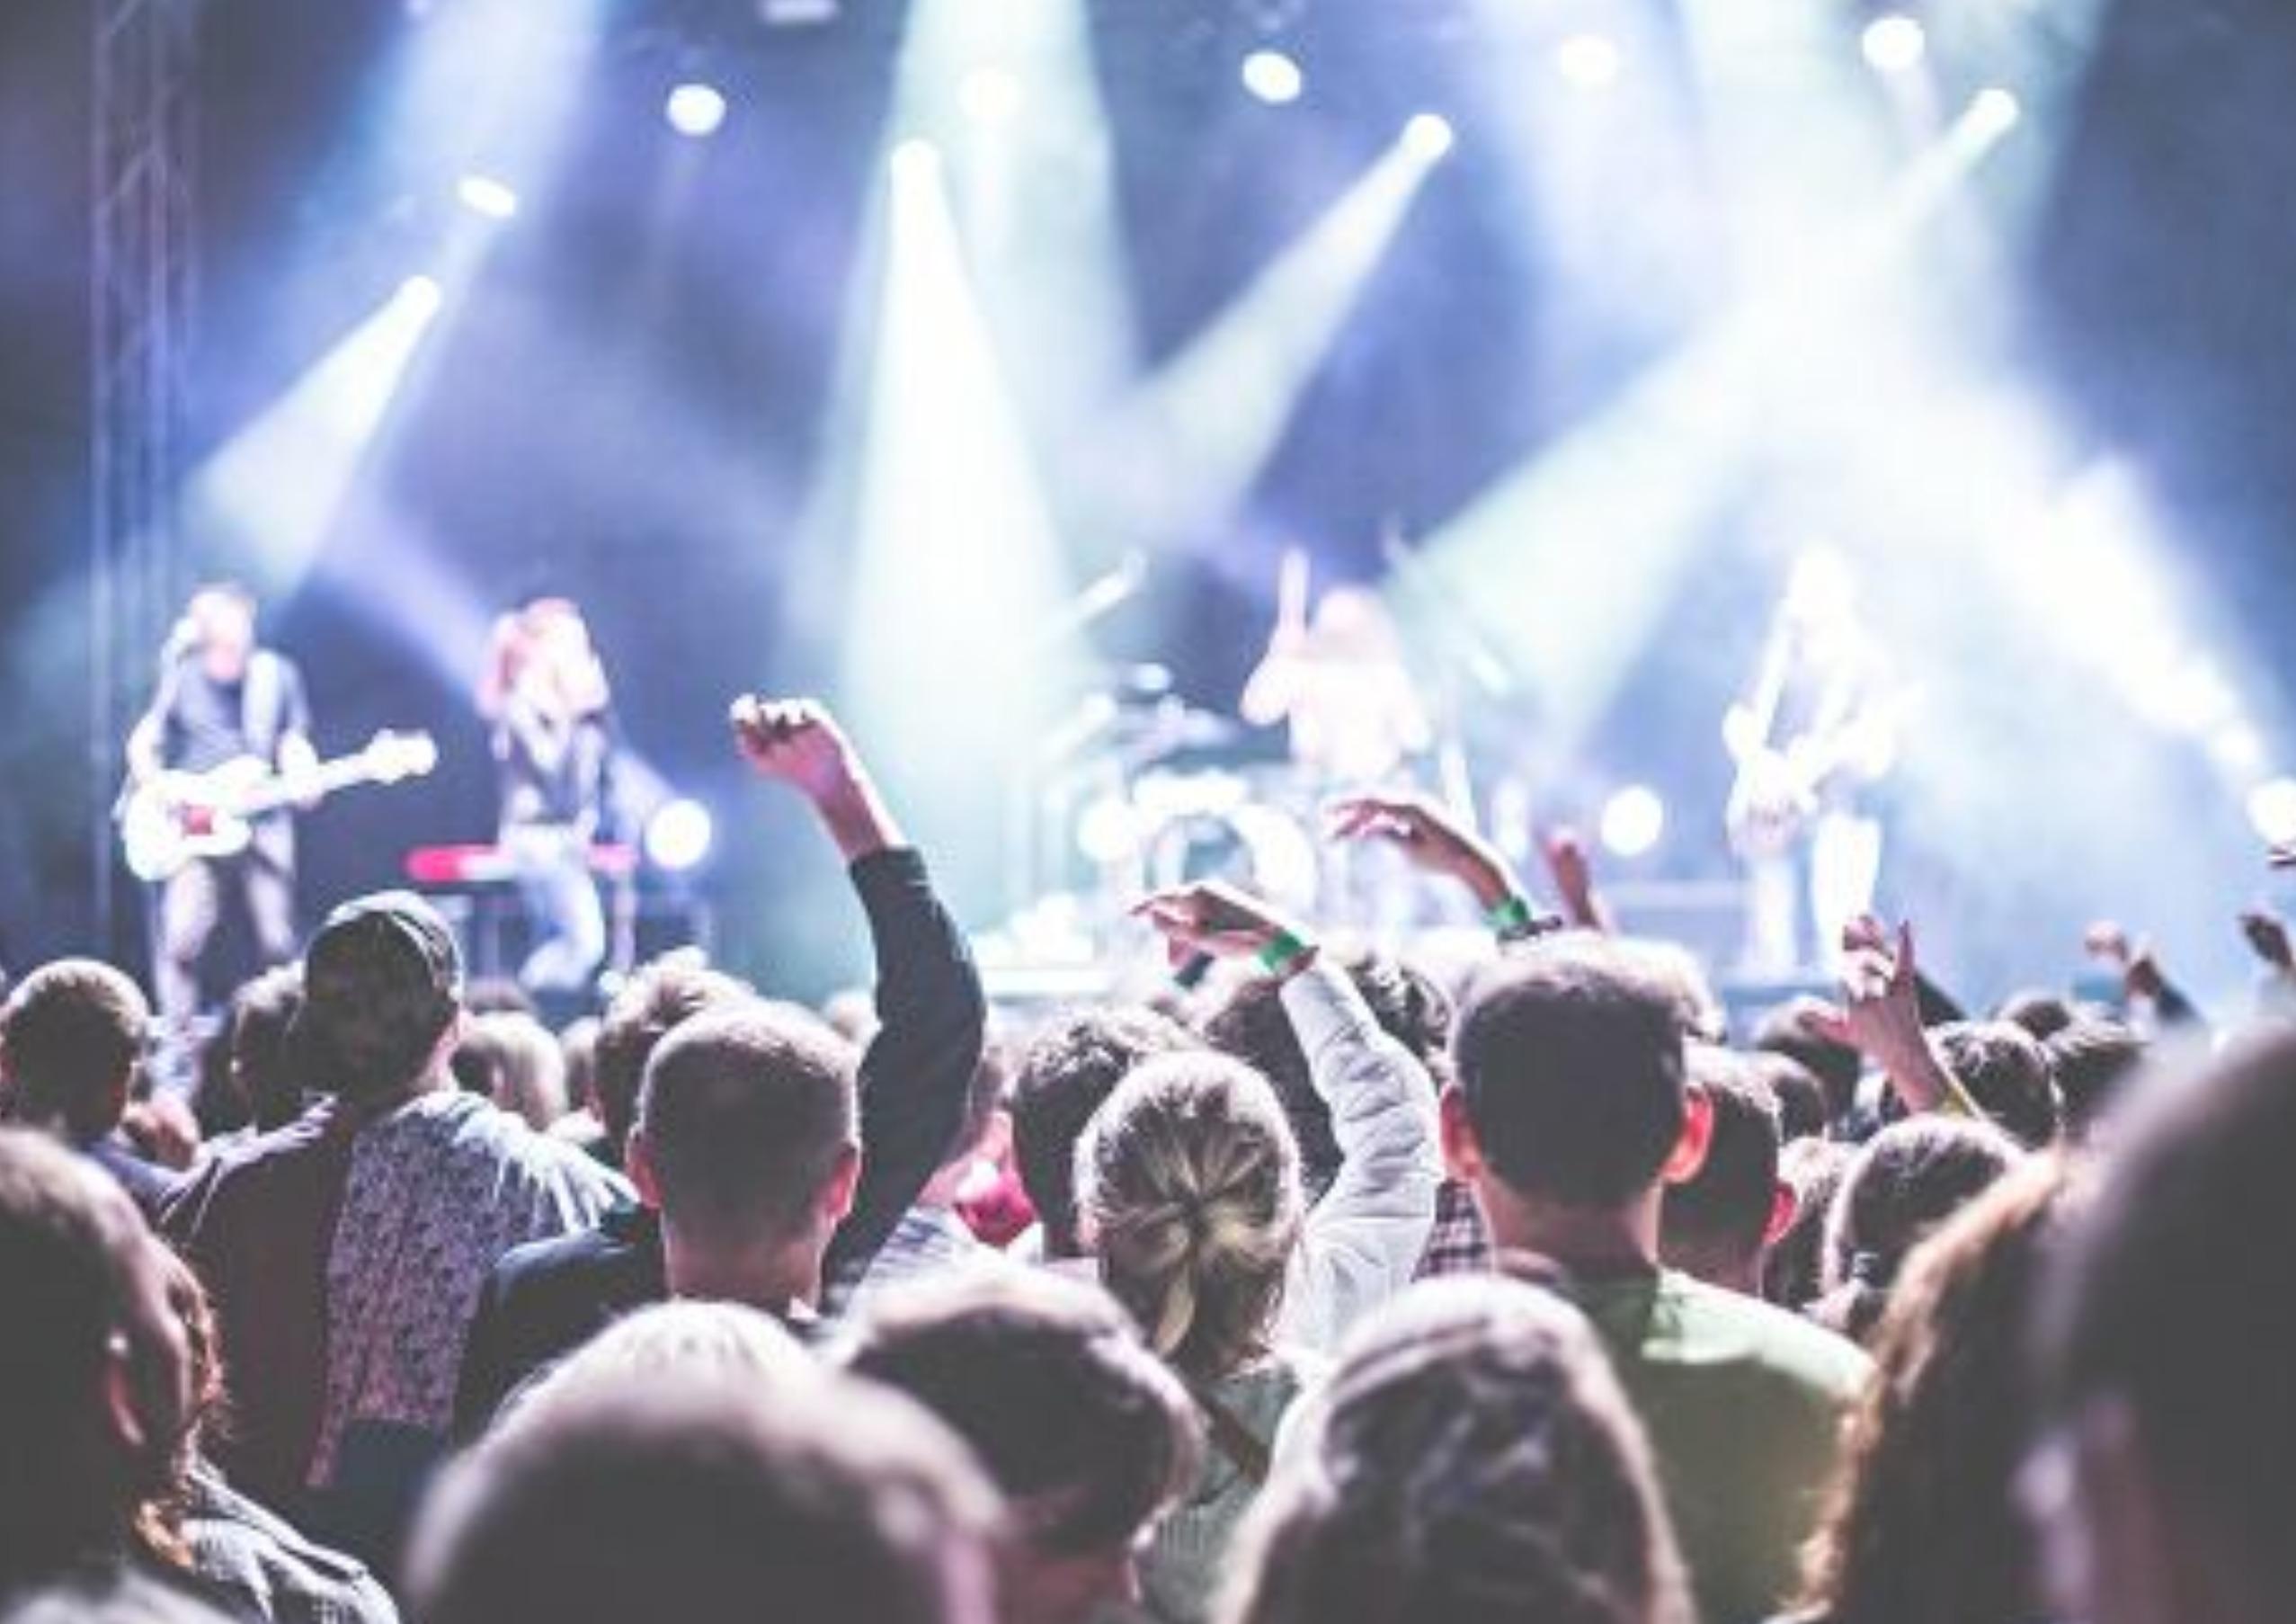 Əlcəzairdə konsertdə 5 nəfər öldü